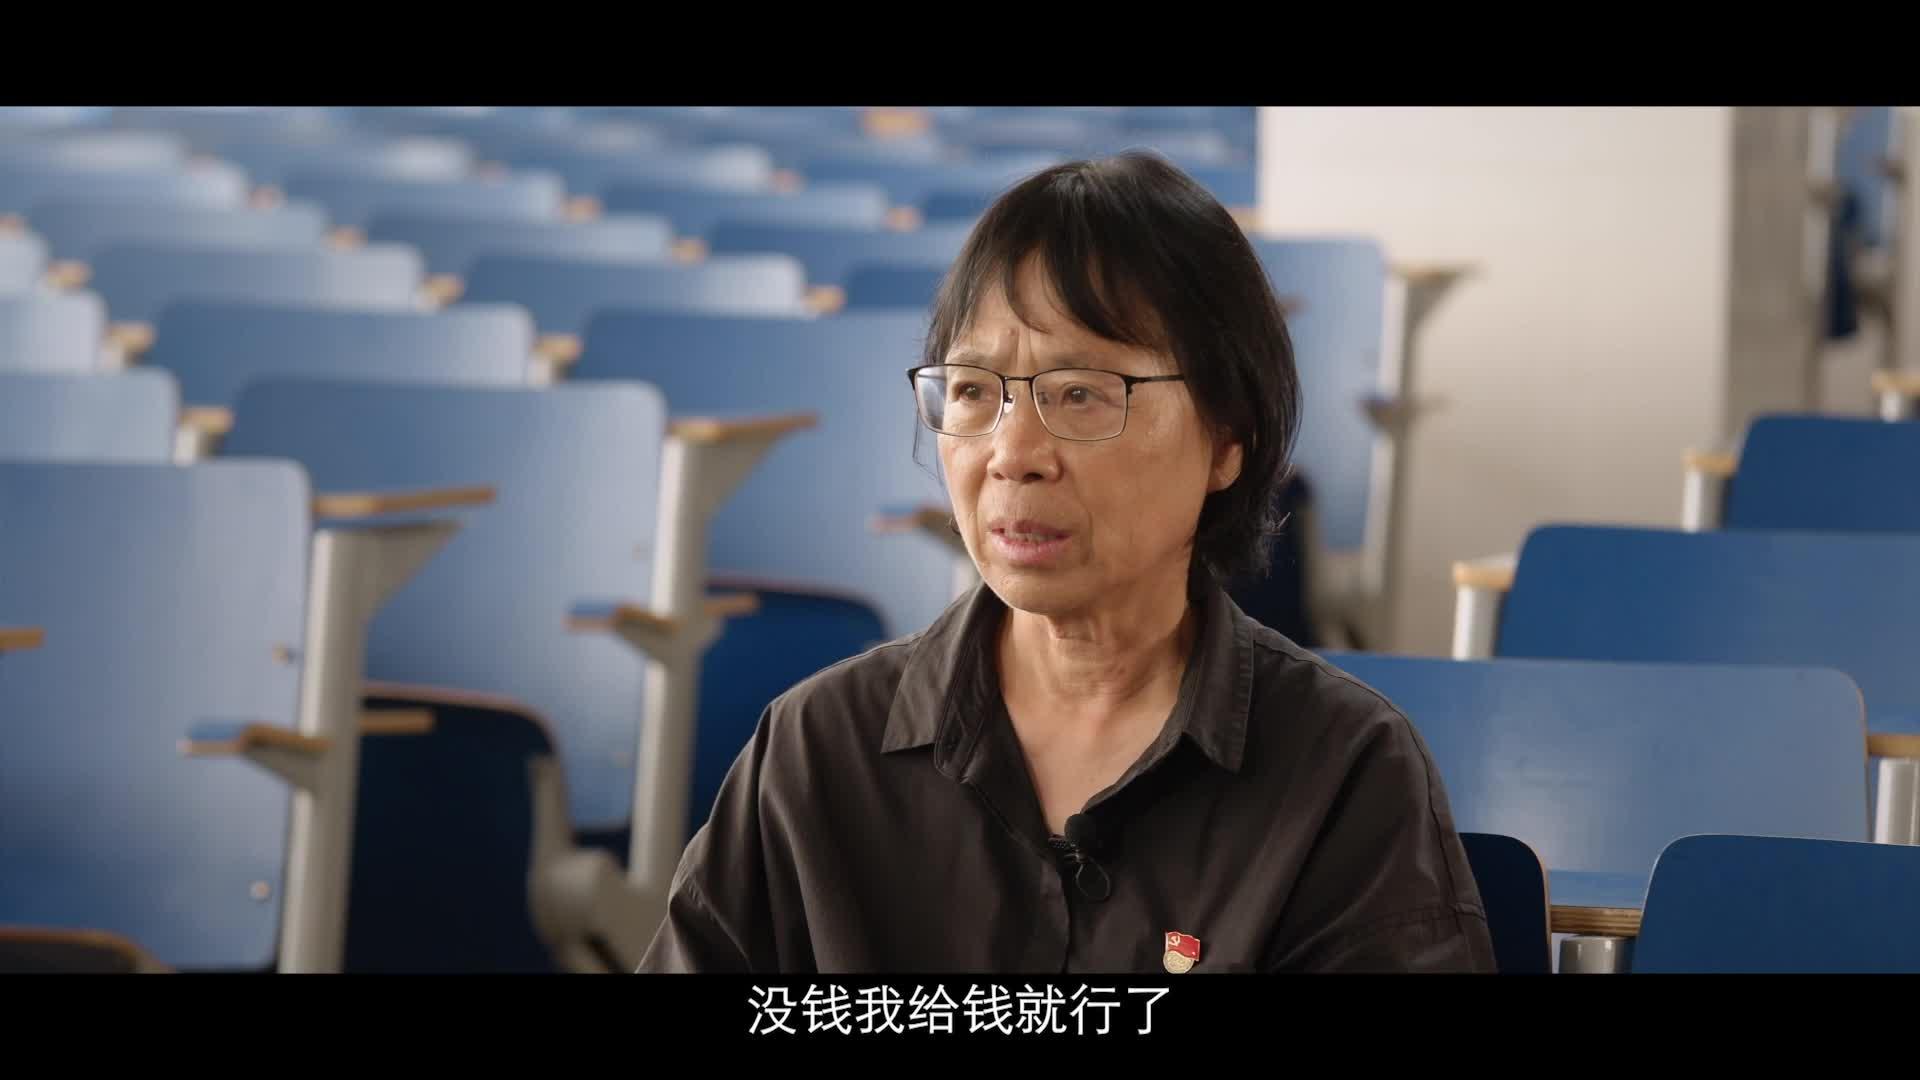 亲自家访、事无巨细,张桂梅:我必须当面让家长看到我的真诚